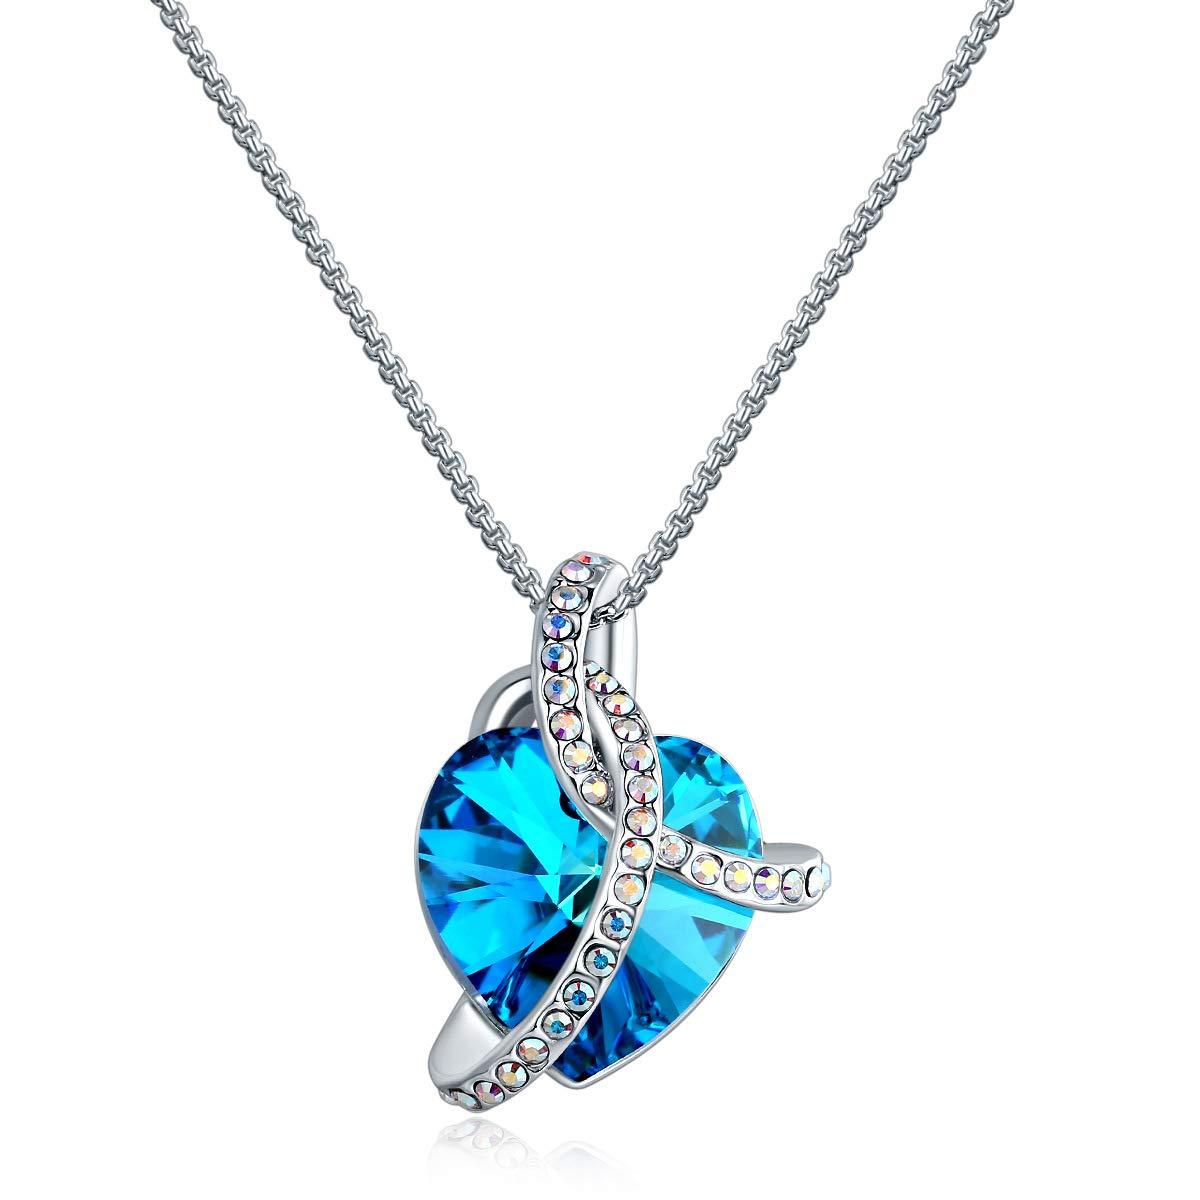 シュクネックレスネックレスラブネックレスハイグレードピーチハートダイヤモンドバレンタインデー、シルバー(2個)   B07HLFSSS2